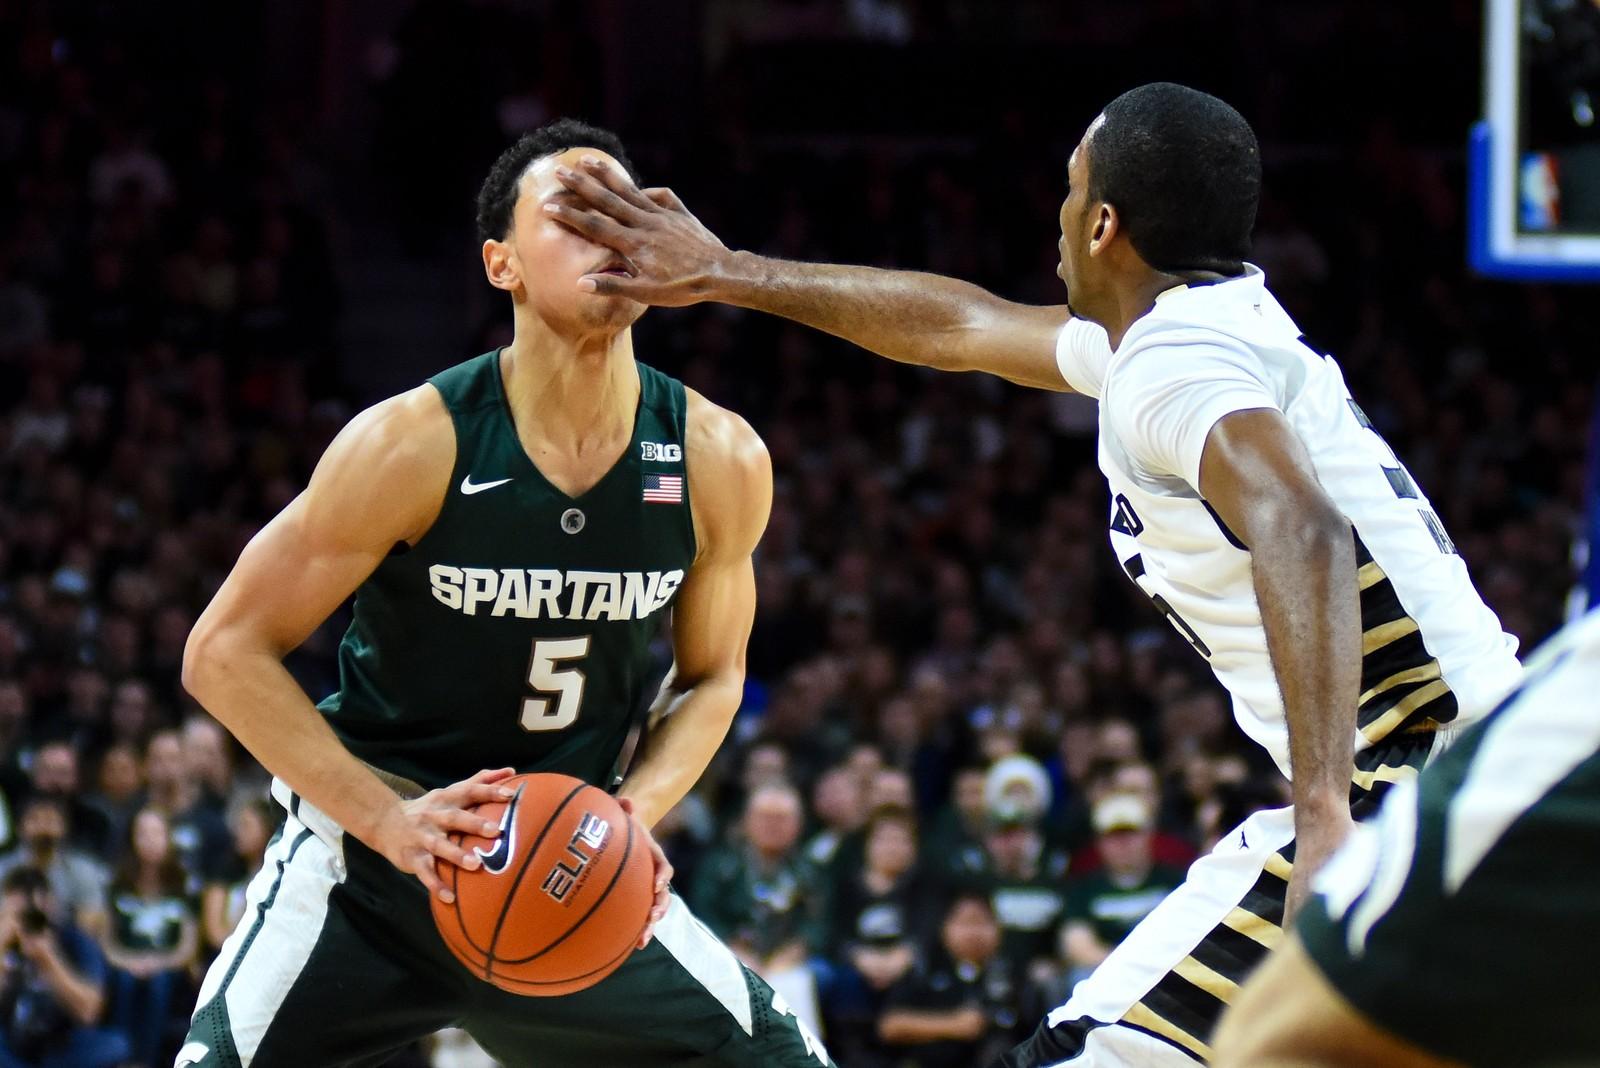 College-basketball mellom Michigan og Oakland.  Oakland Golden Grizzlies-spiller Martez Walker bruker et noe skittent triks for å forsvare seg mot Michigan State Spartans' Bryn Forbes.